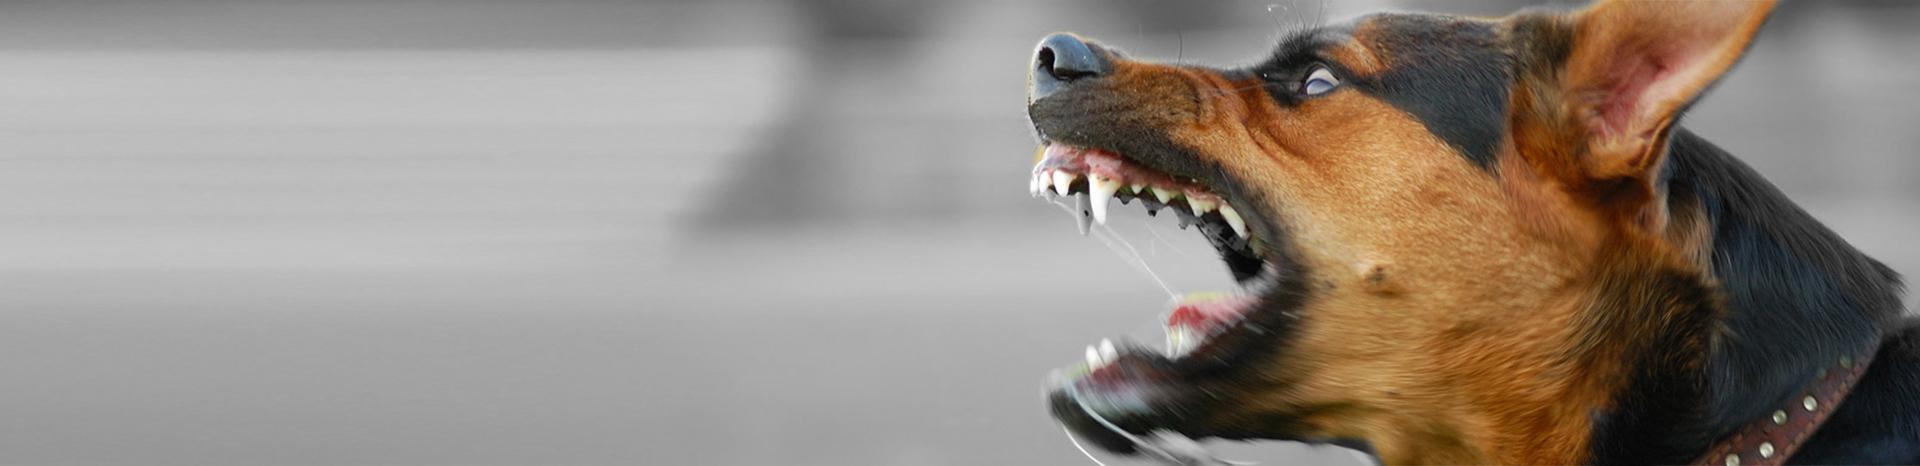 Letselschade hondenbeet | Gebeten door hond